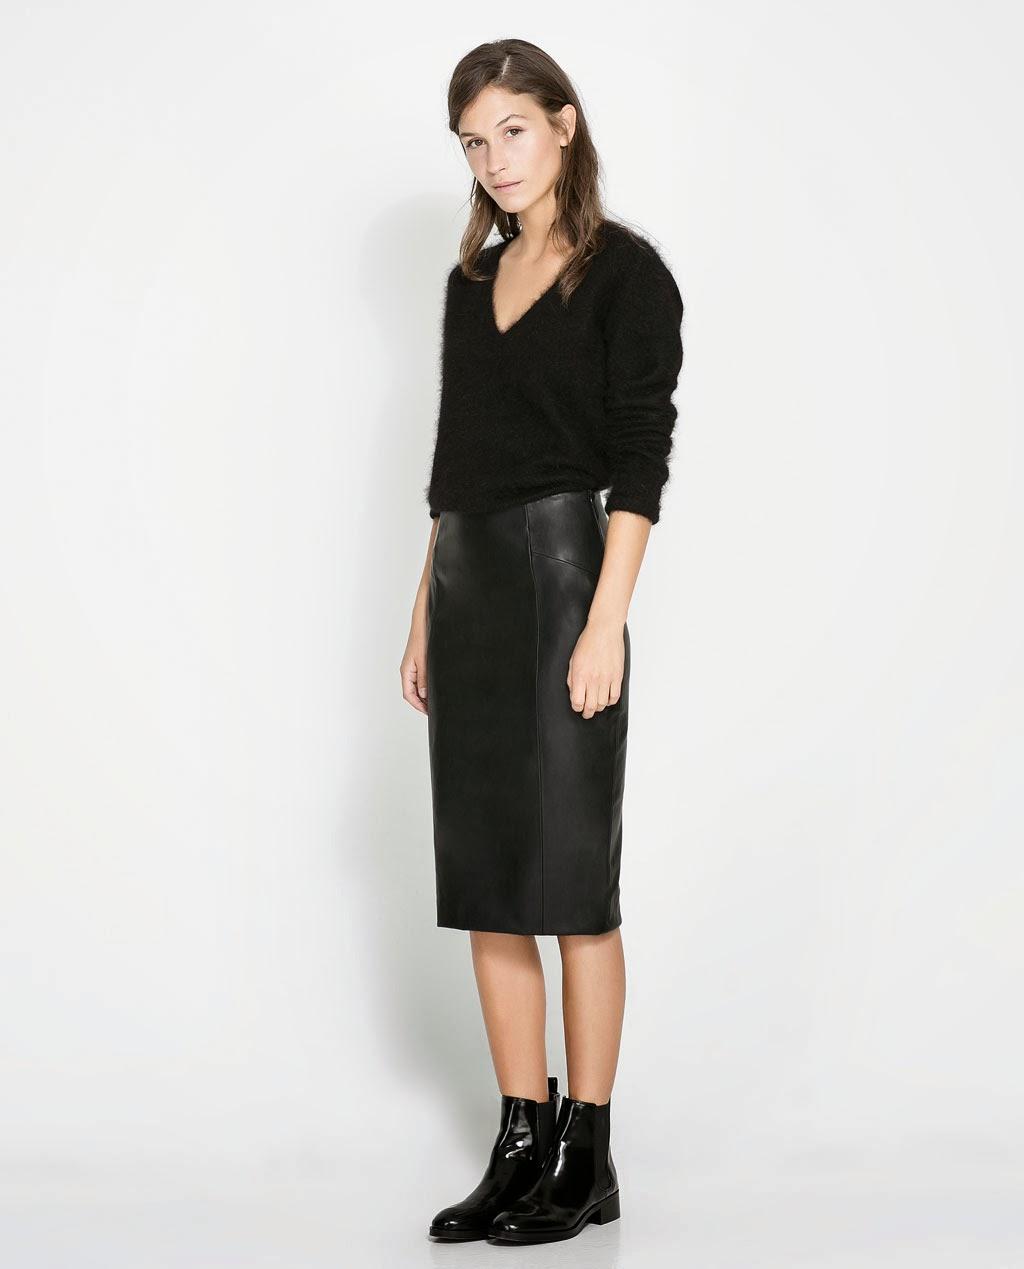 Зара юбки